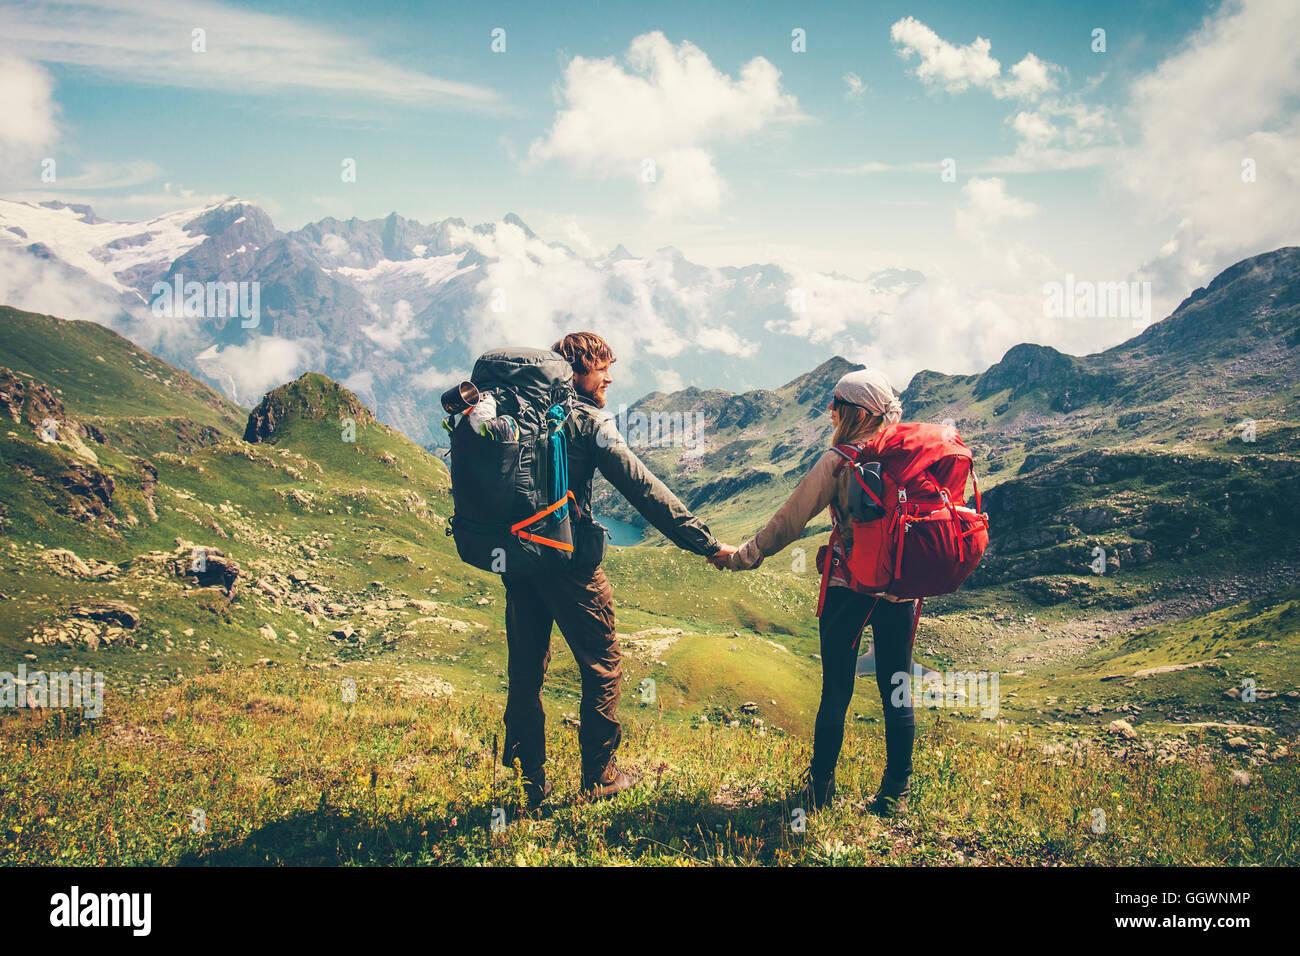 Par el hombre y la mujer con mochila manos montañismo Lifestyle Viajes Vacaciones de verano concepto montañas Imagen De Stock